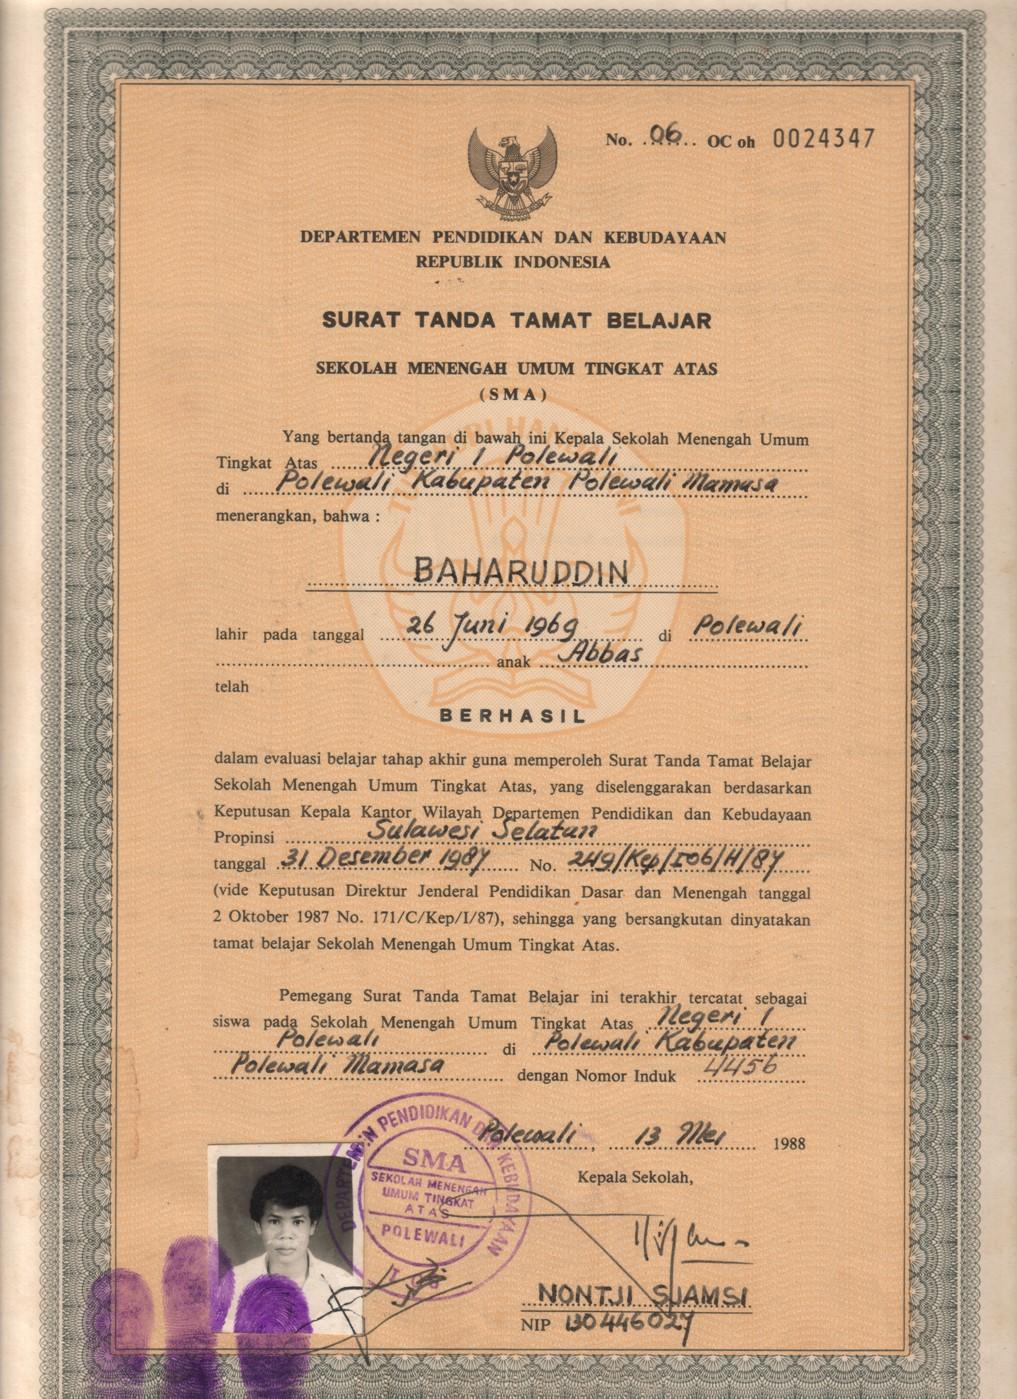 Diposkan oleh M.Syahrudin.Sh di 19.56